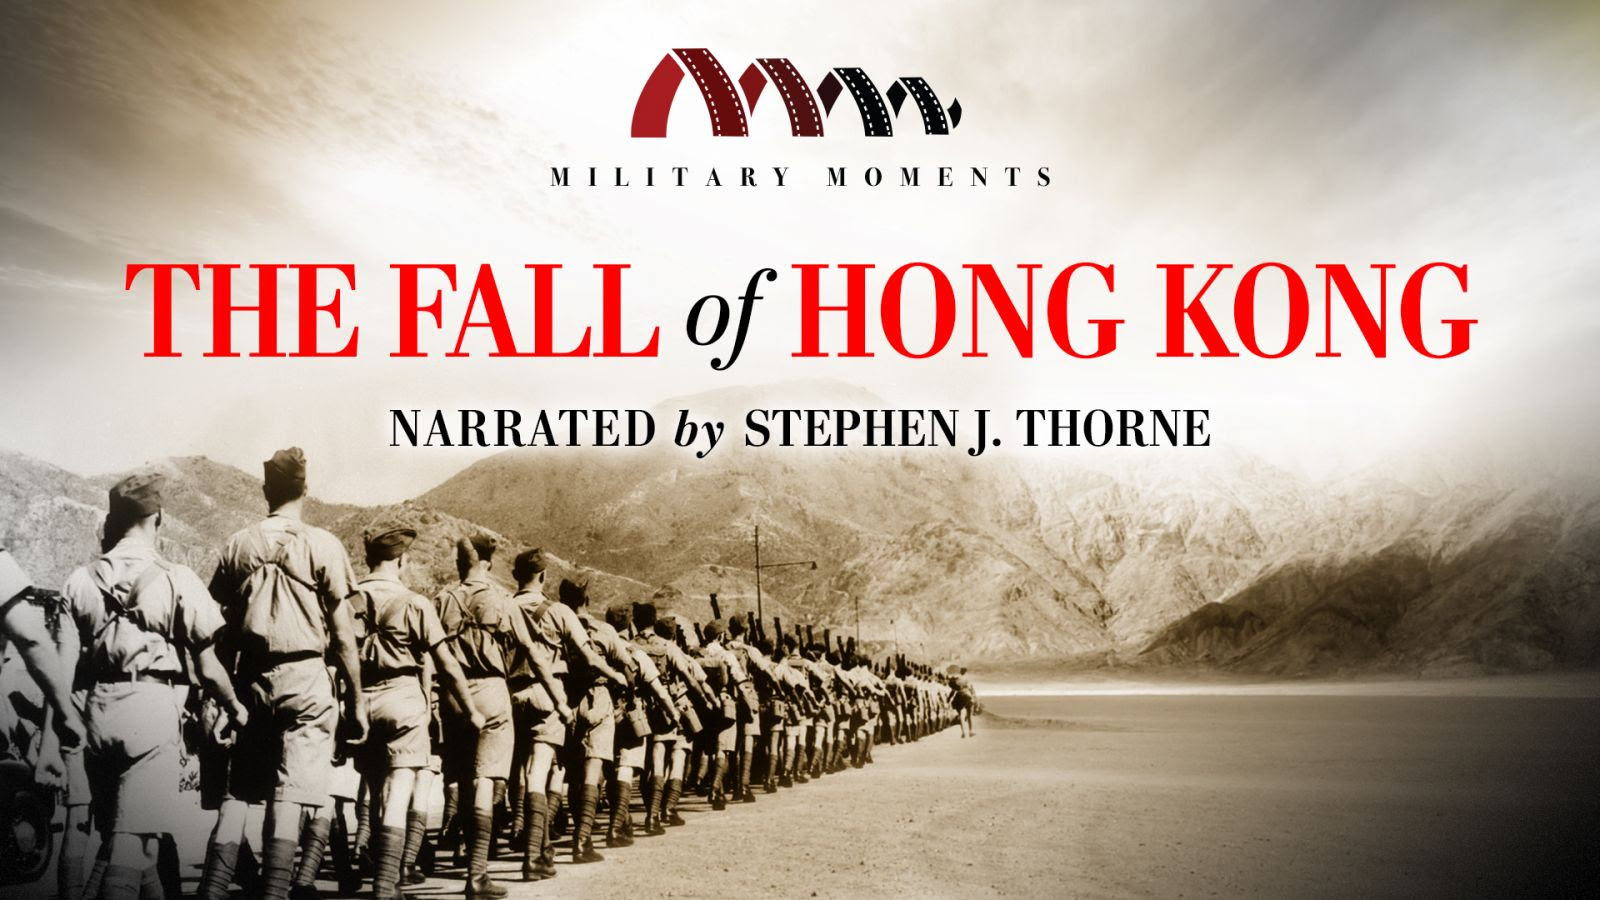 Military Moments | The Fall of Hong Kong